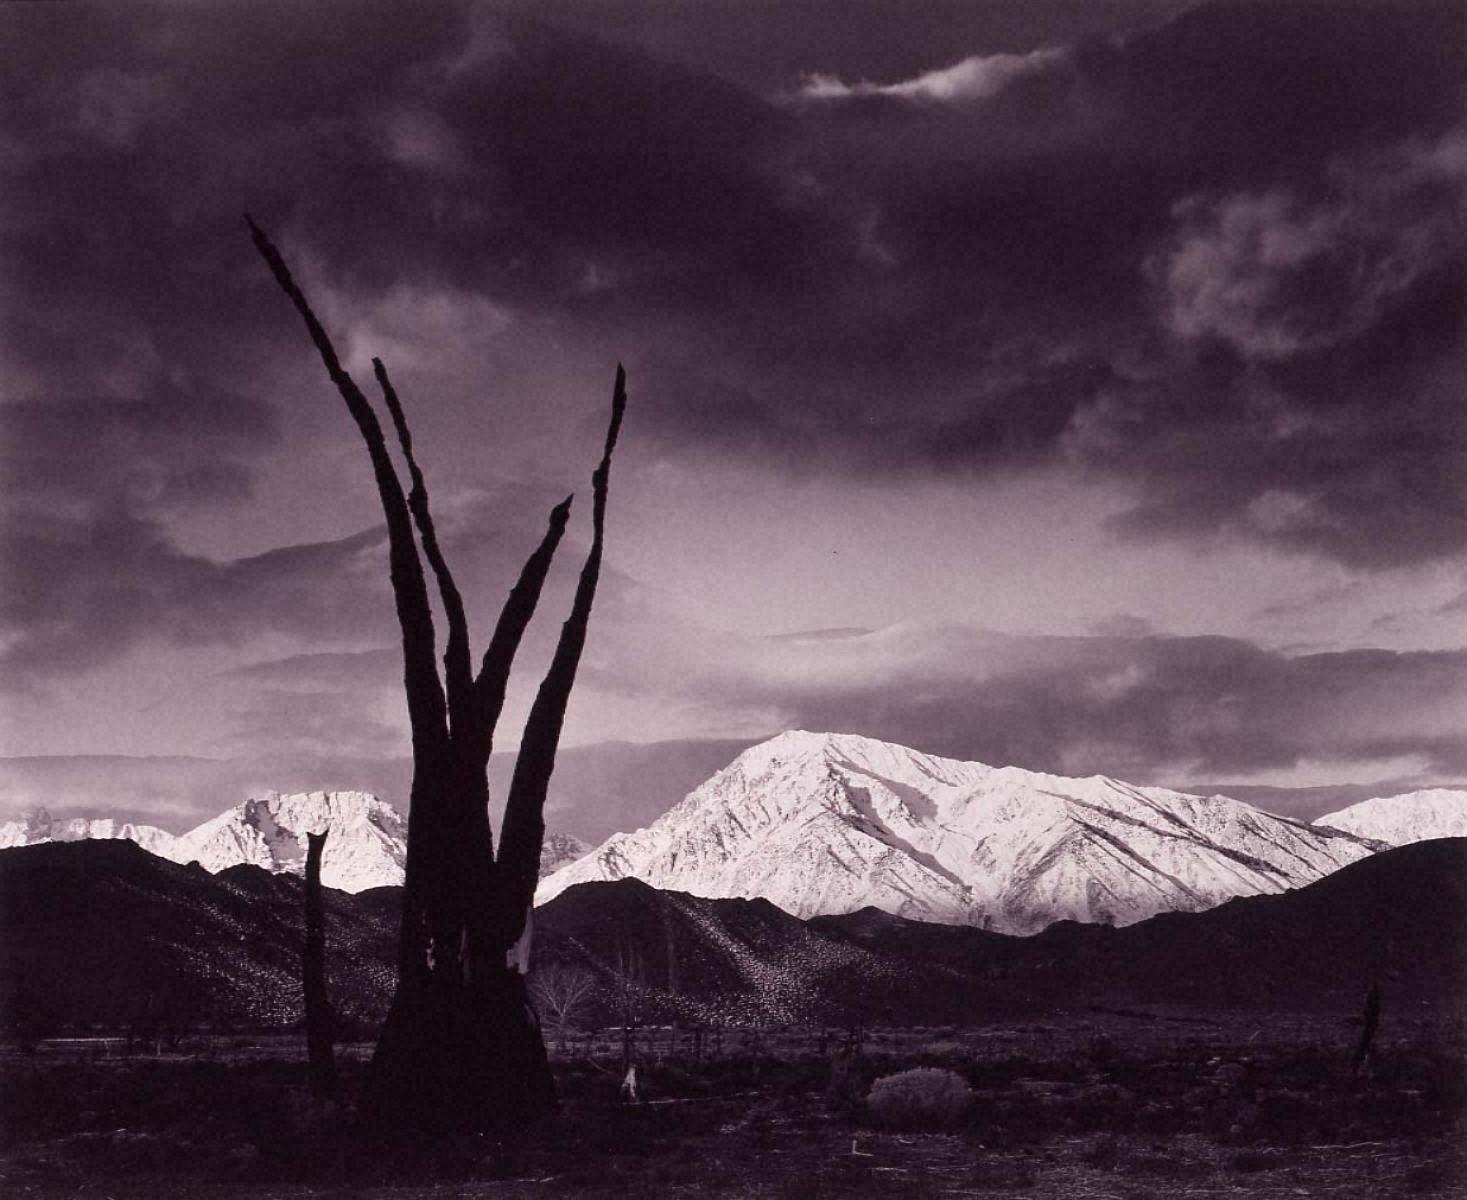 ポートフォリオⅦ: トム山の日の出